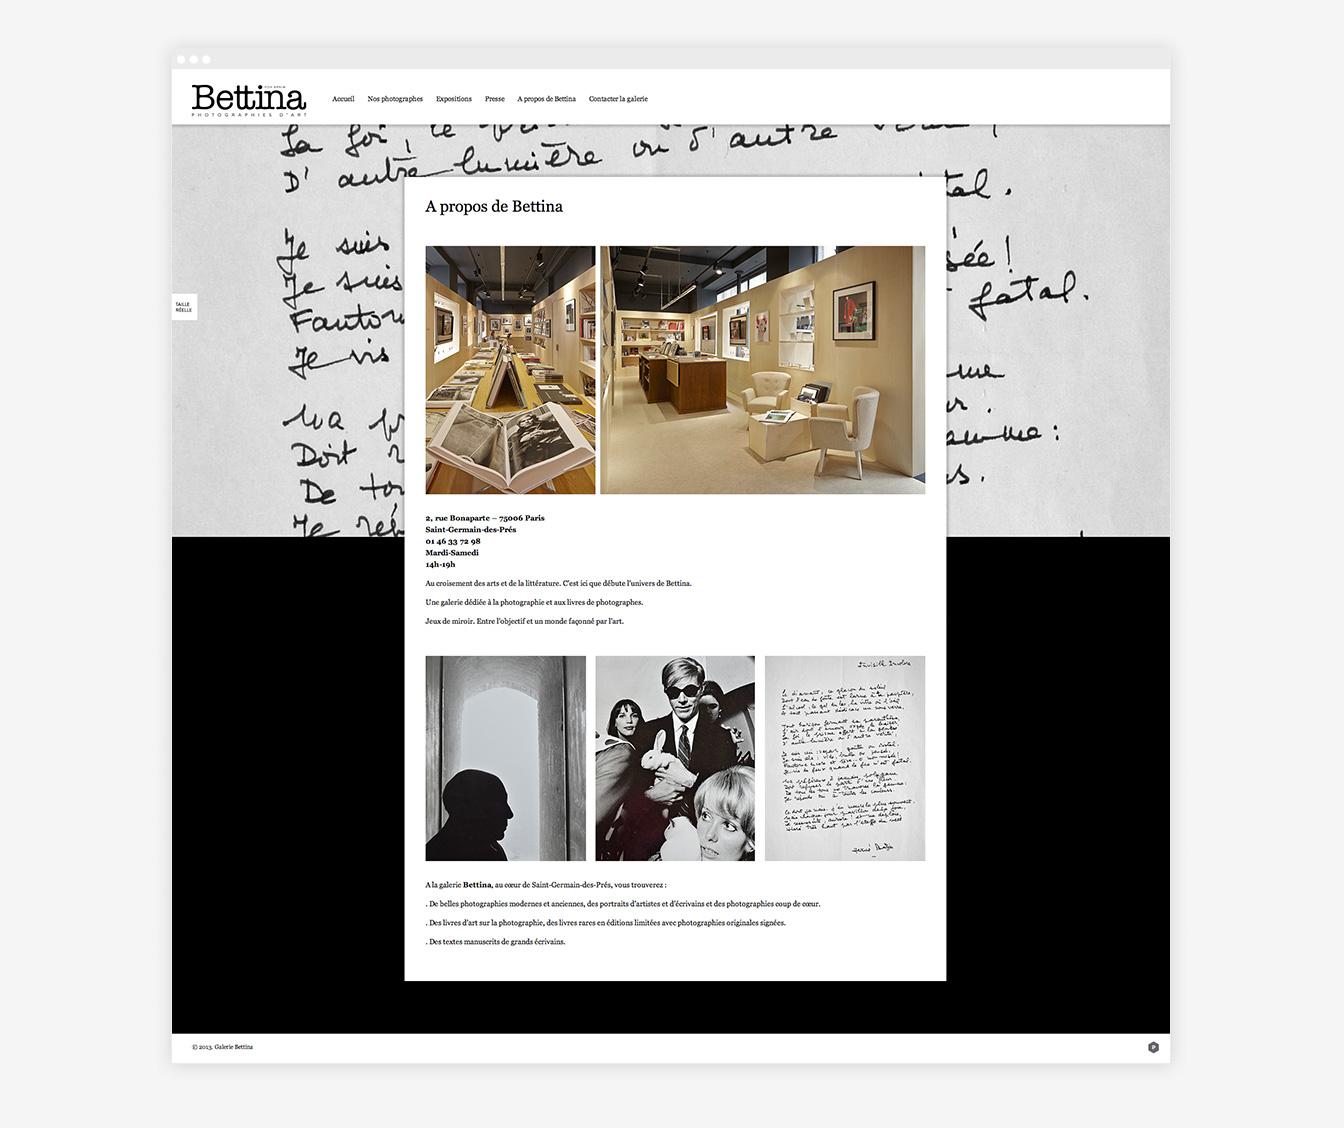 Galerie Bettina - Site Web Détails